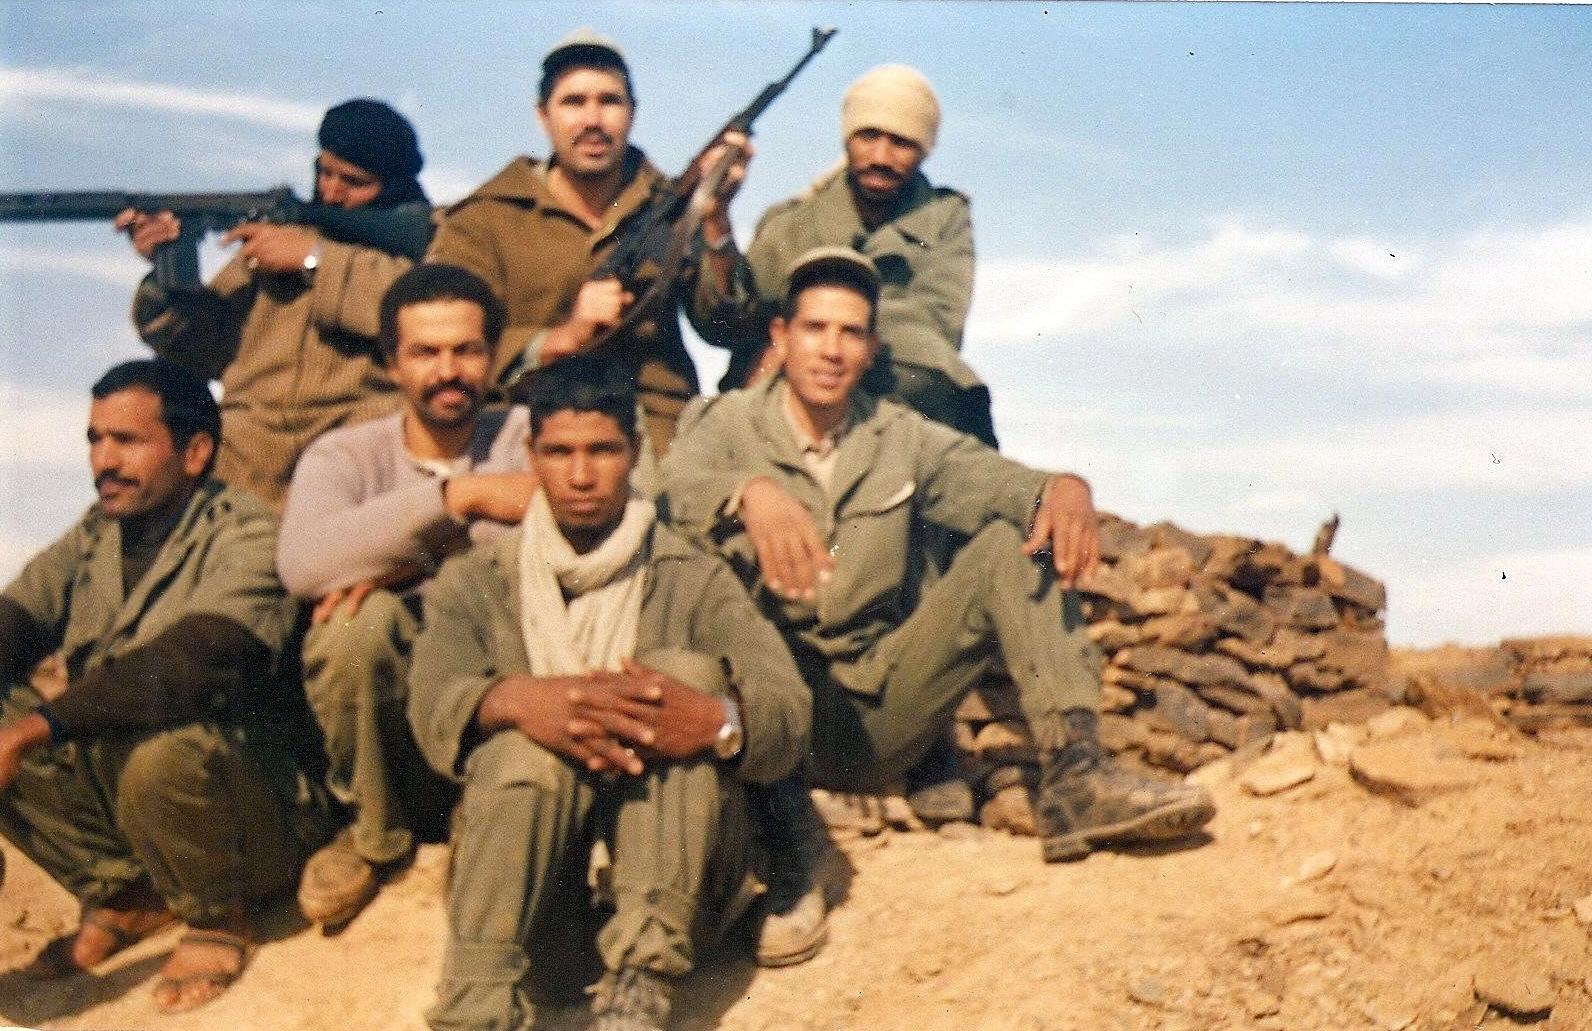 Le conflit armé du sahara marocain - Page 11 Clipb275